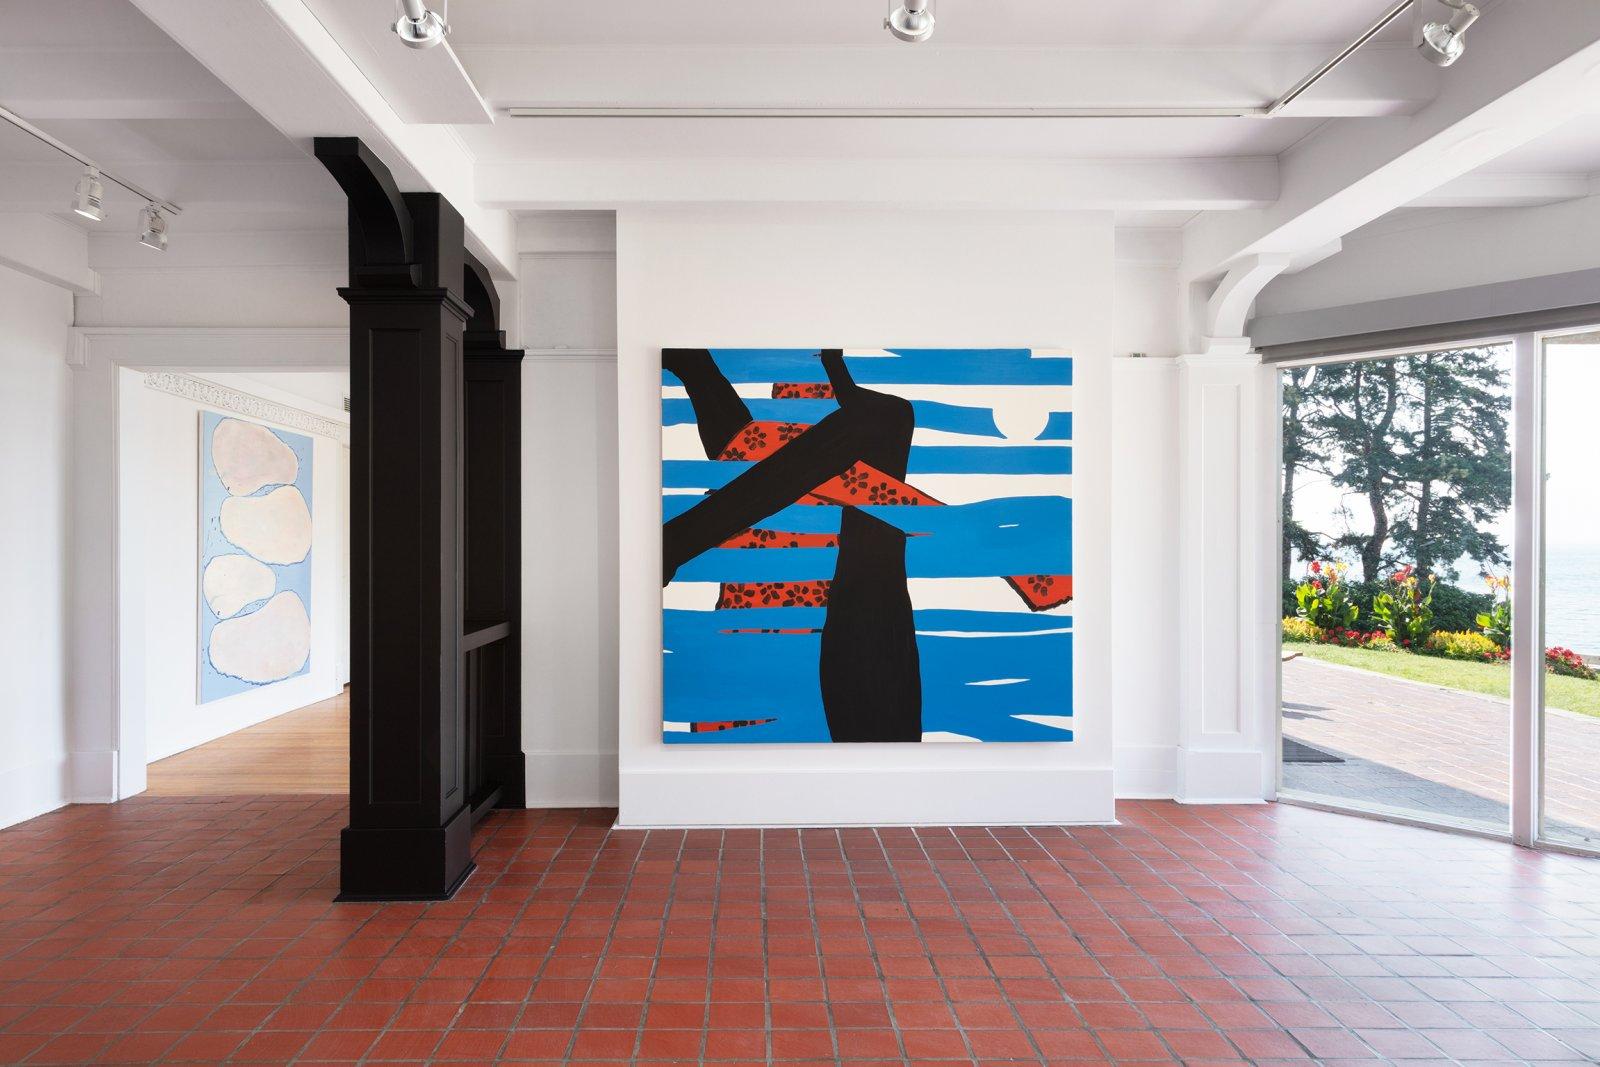 Elizabeth McIntosh, Hug, 2018, oil on canvas, 67 x 73 in. (170 x 185 cm) by Elizabeth McIntosh